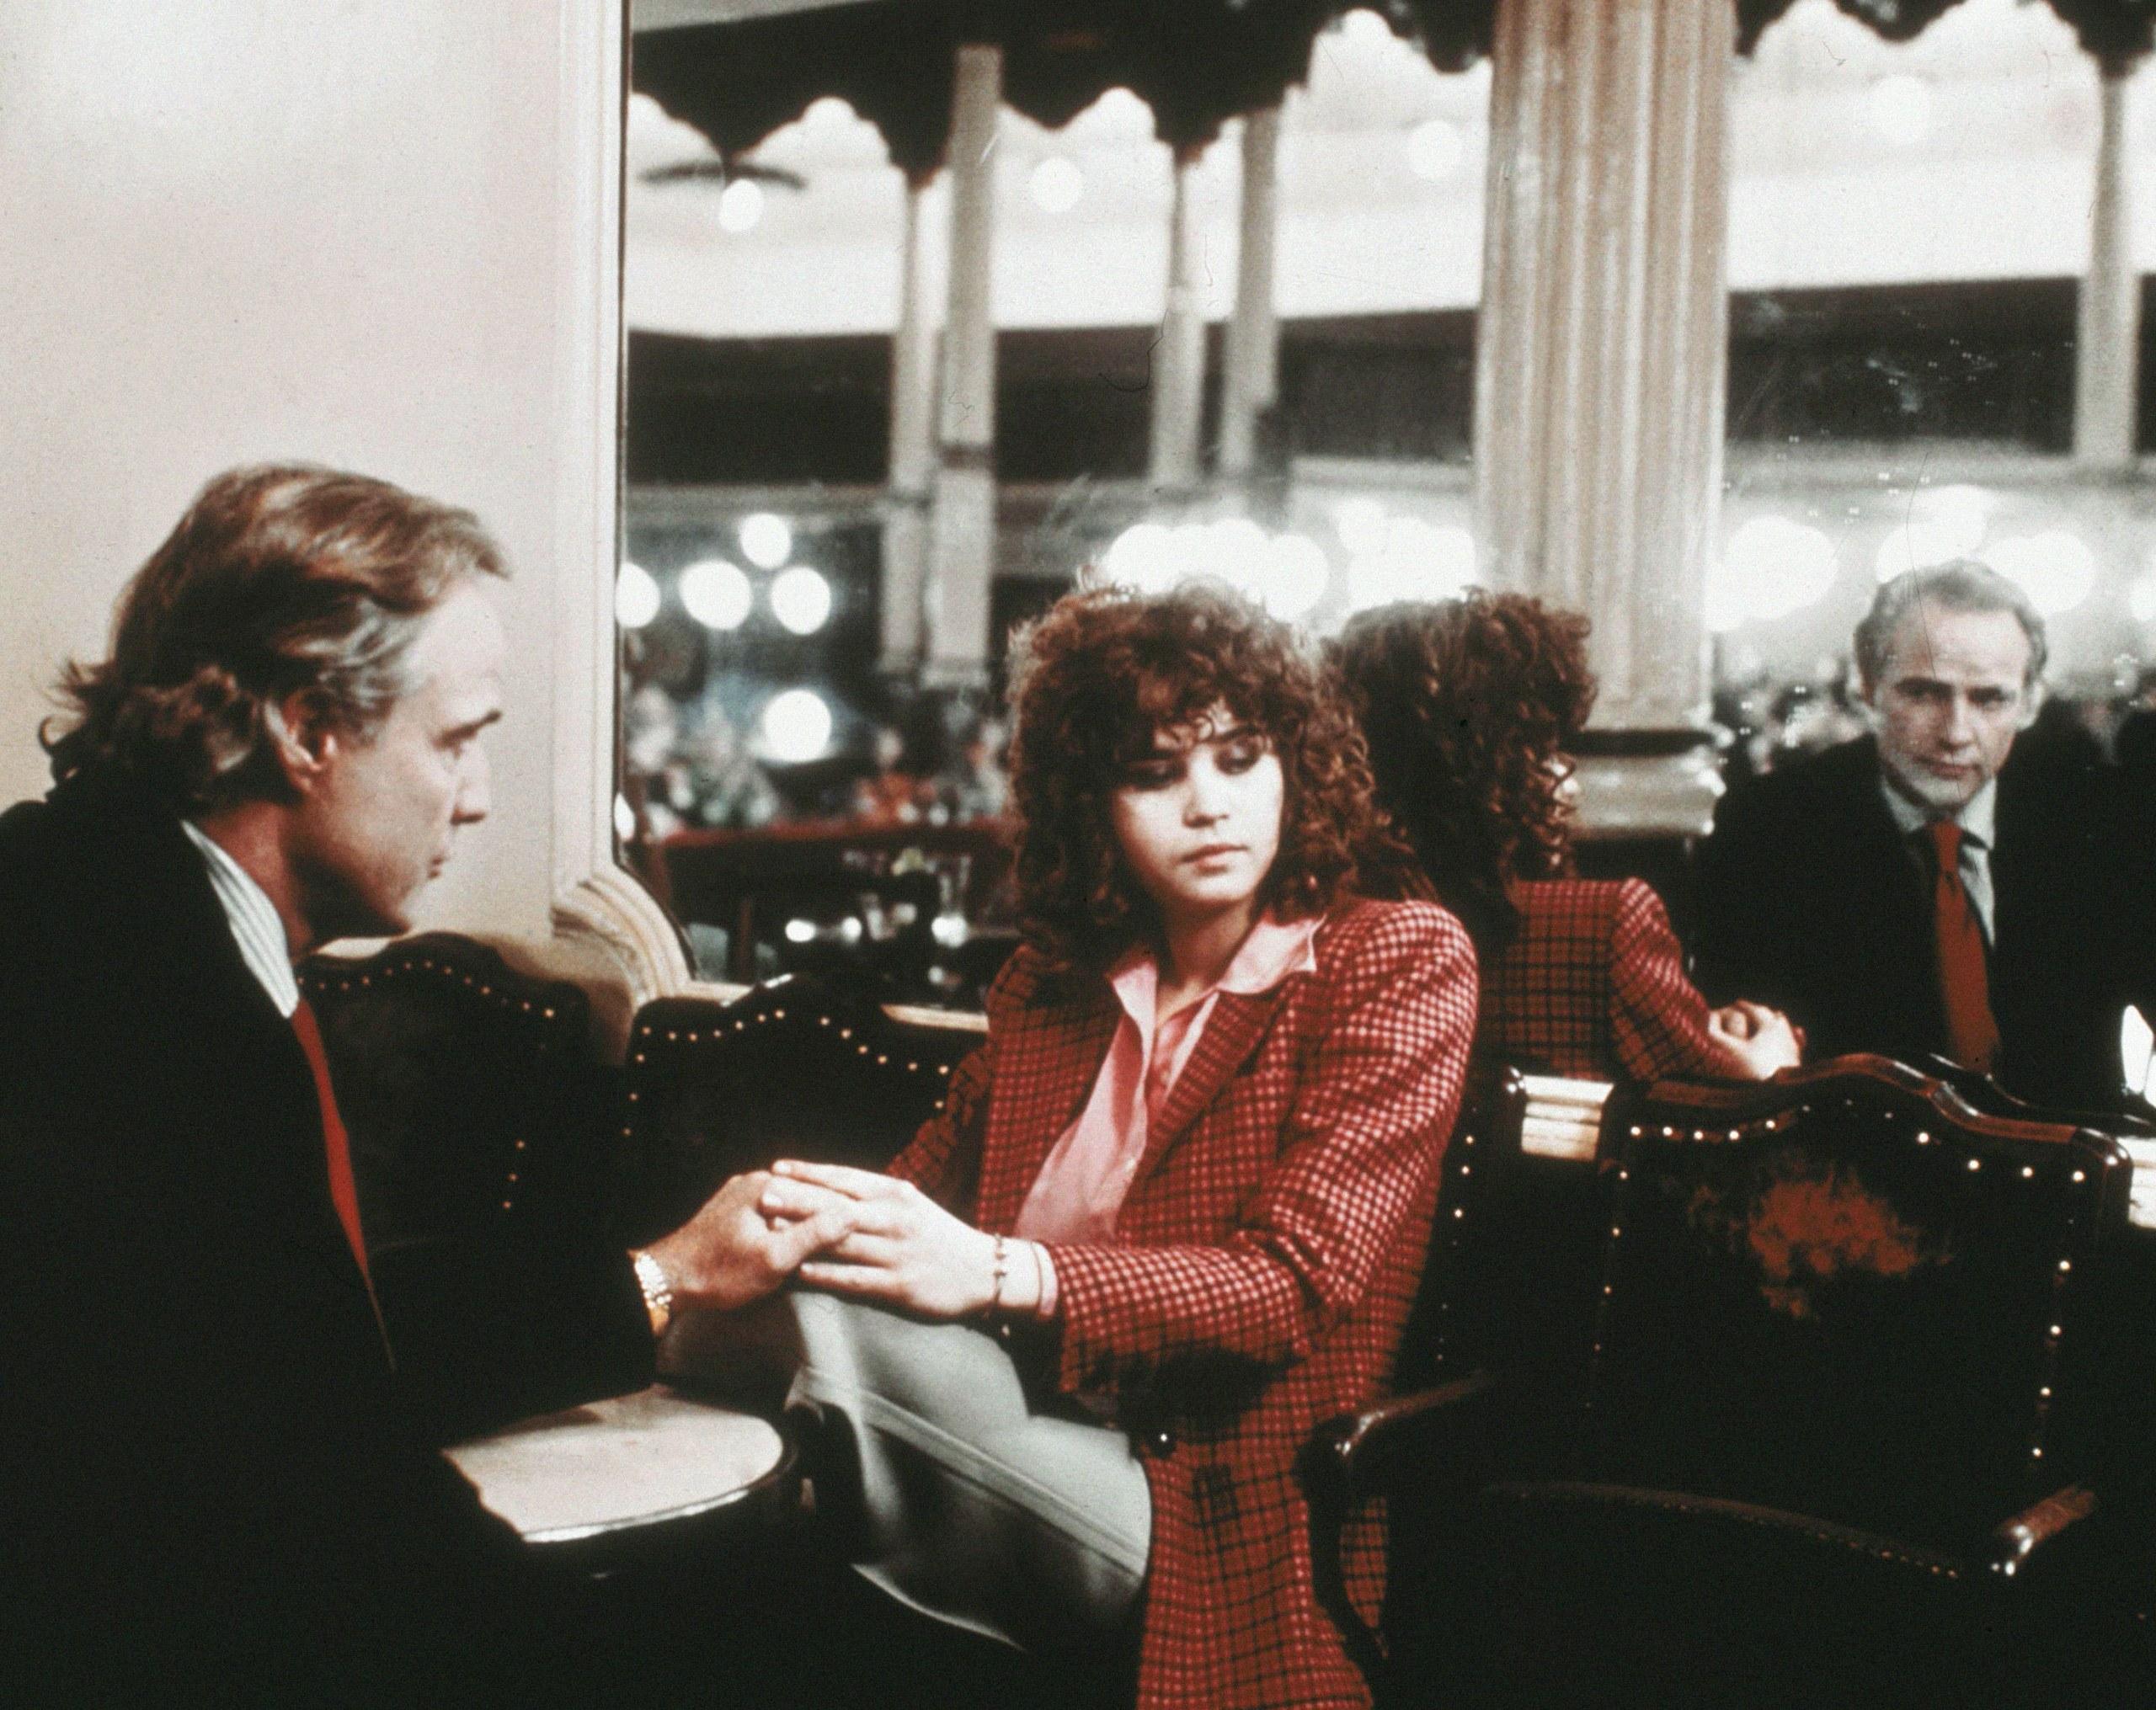 The Conversations: Last Tango in Paris